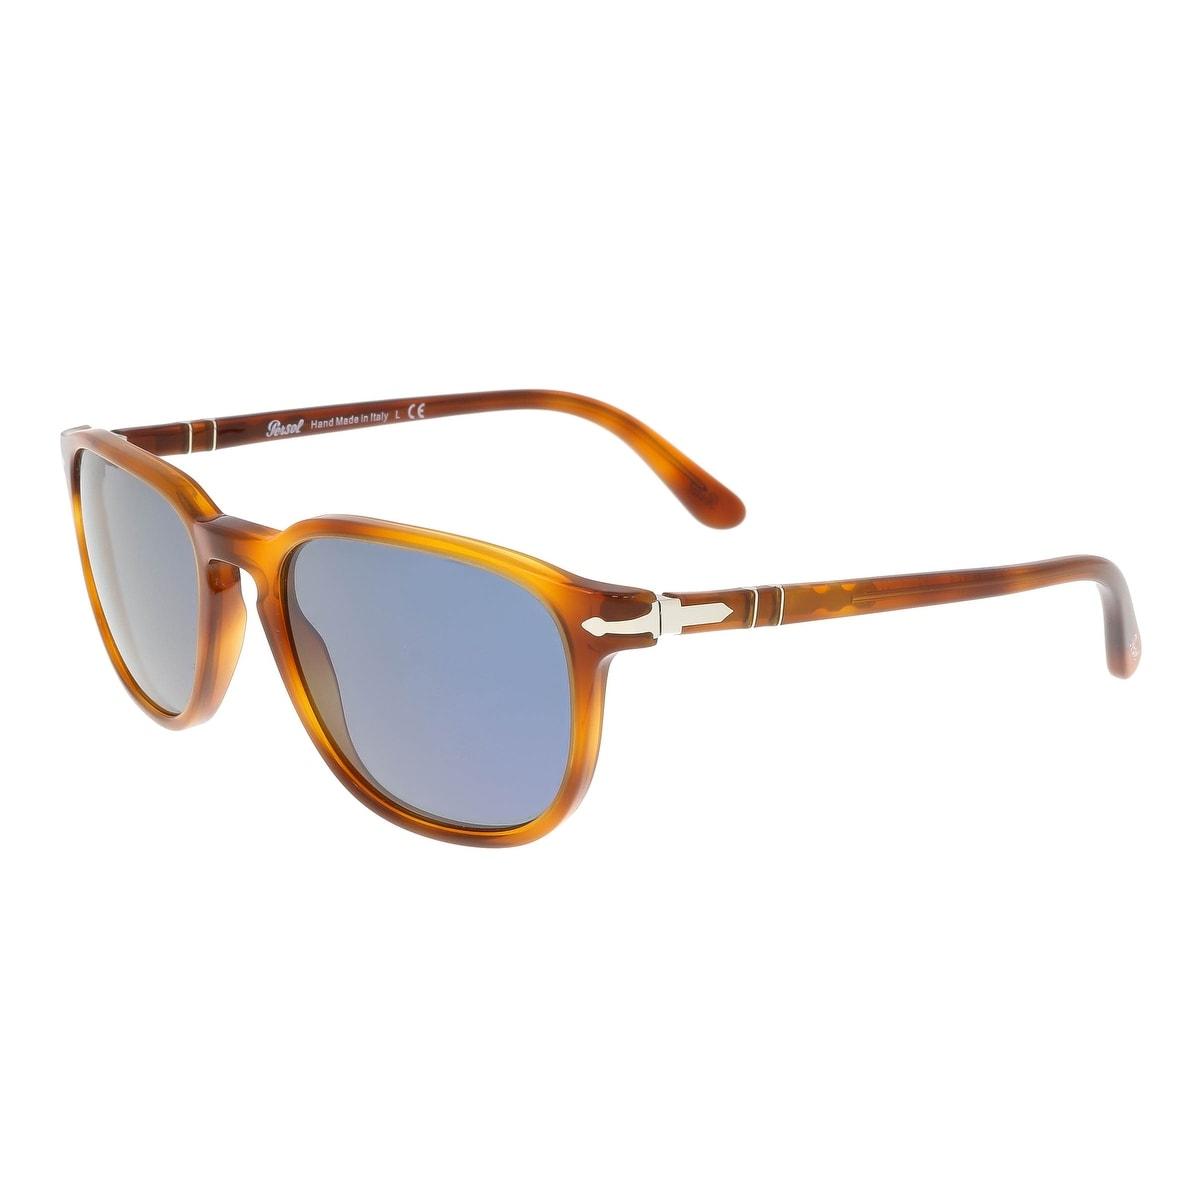 7c3a8b4555 Shop Persol PO3019S 95 56 52 Tiera Di Siena Brown Square Sunglasses - 52-18-140  - Free Shipping Today - Overstock - 17768375